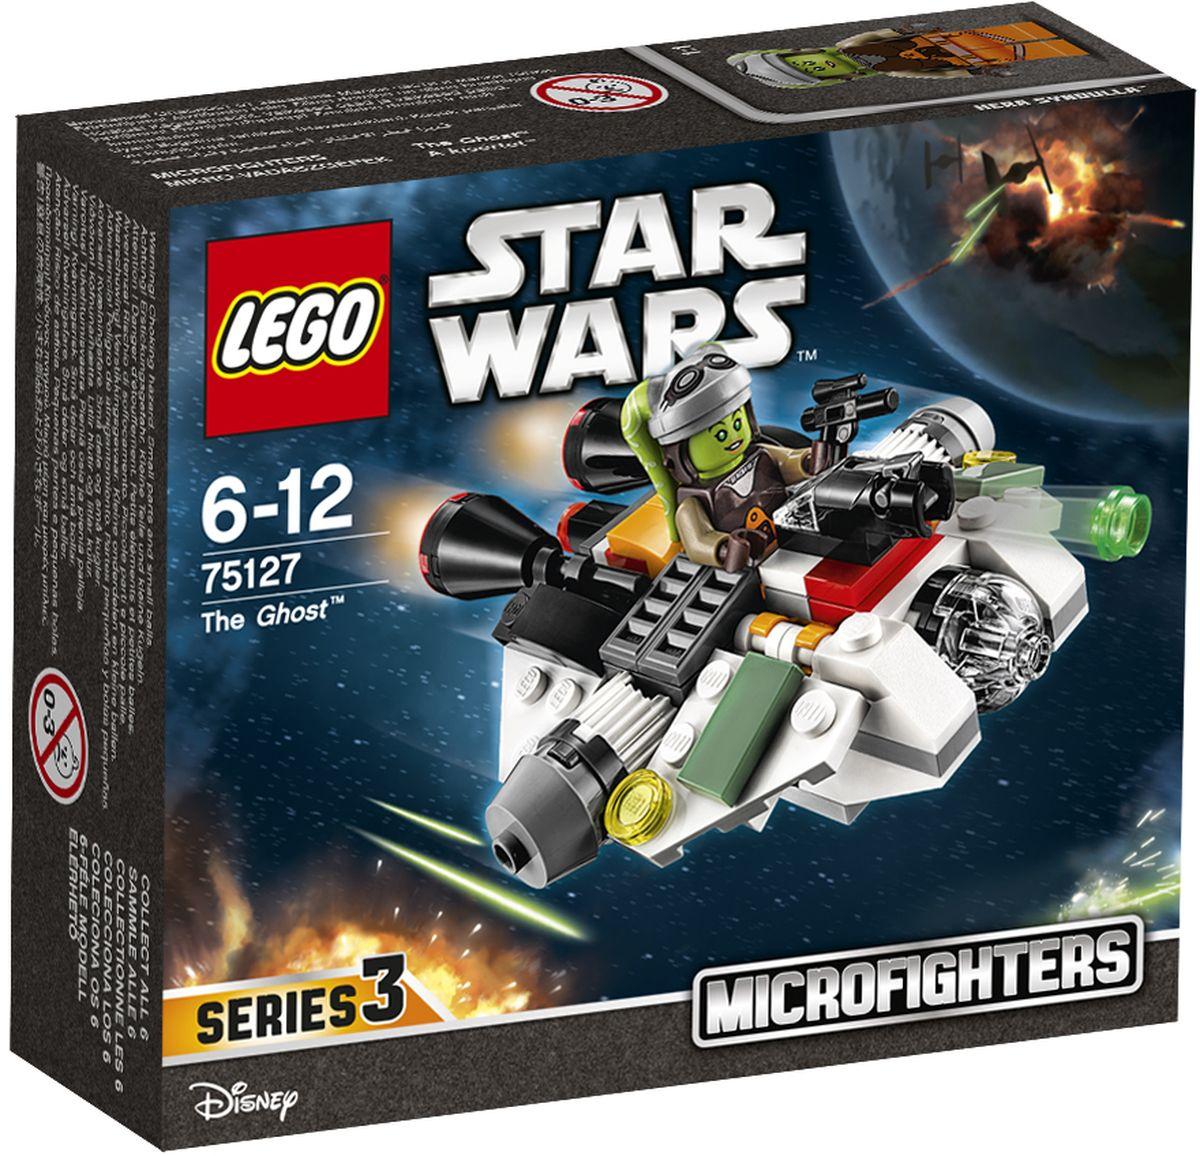 LEGO Star Wars Конструктор Призрак 7512775127Конструктор Lego Star Wars Призрак приведет в восторг любого поклонника знаменитой космической саги Звездные войны. Конструктор содержит 104 пластиковых элемента, с помощью которых вы сможете собрать оригинальную боевую машину из вселенной Звездных войн. Империя должна быть остановлена и на это способен только микрофайтер Призрак. Заряди пушку, посади Геру в кресло пилота и приготовься к борьбе с имперским флотом истребителей! Все элементы набора выполнены из прочного безопасного пластика. Корабль стреляет небольшими снарядами, входящими в набор. Также в набор входит фигурка пилота Геры. Игры с конструкторами помогут ребенку развить воображение, внимательность, пространственное мышление и творческие способности. Такой конструктор надолго займет внимание малыша и непременно станет его любимой игрушкой.